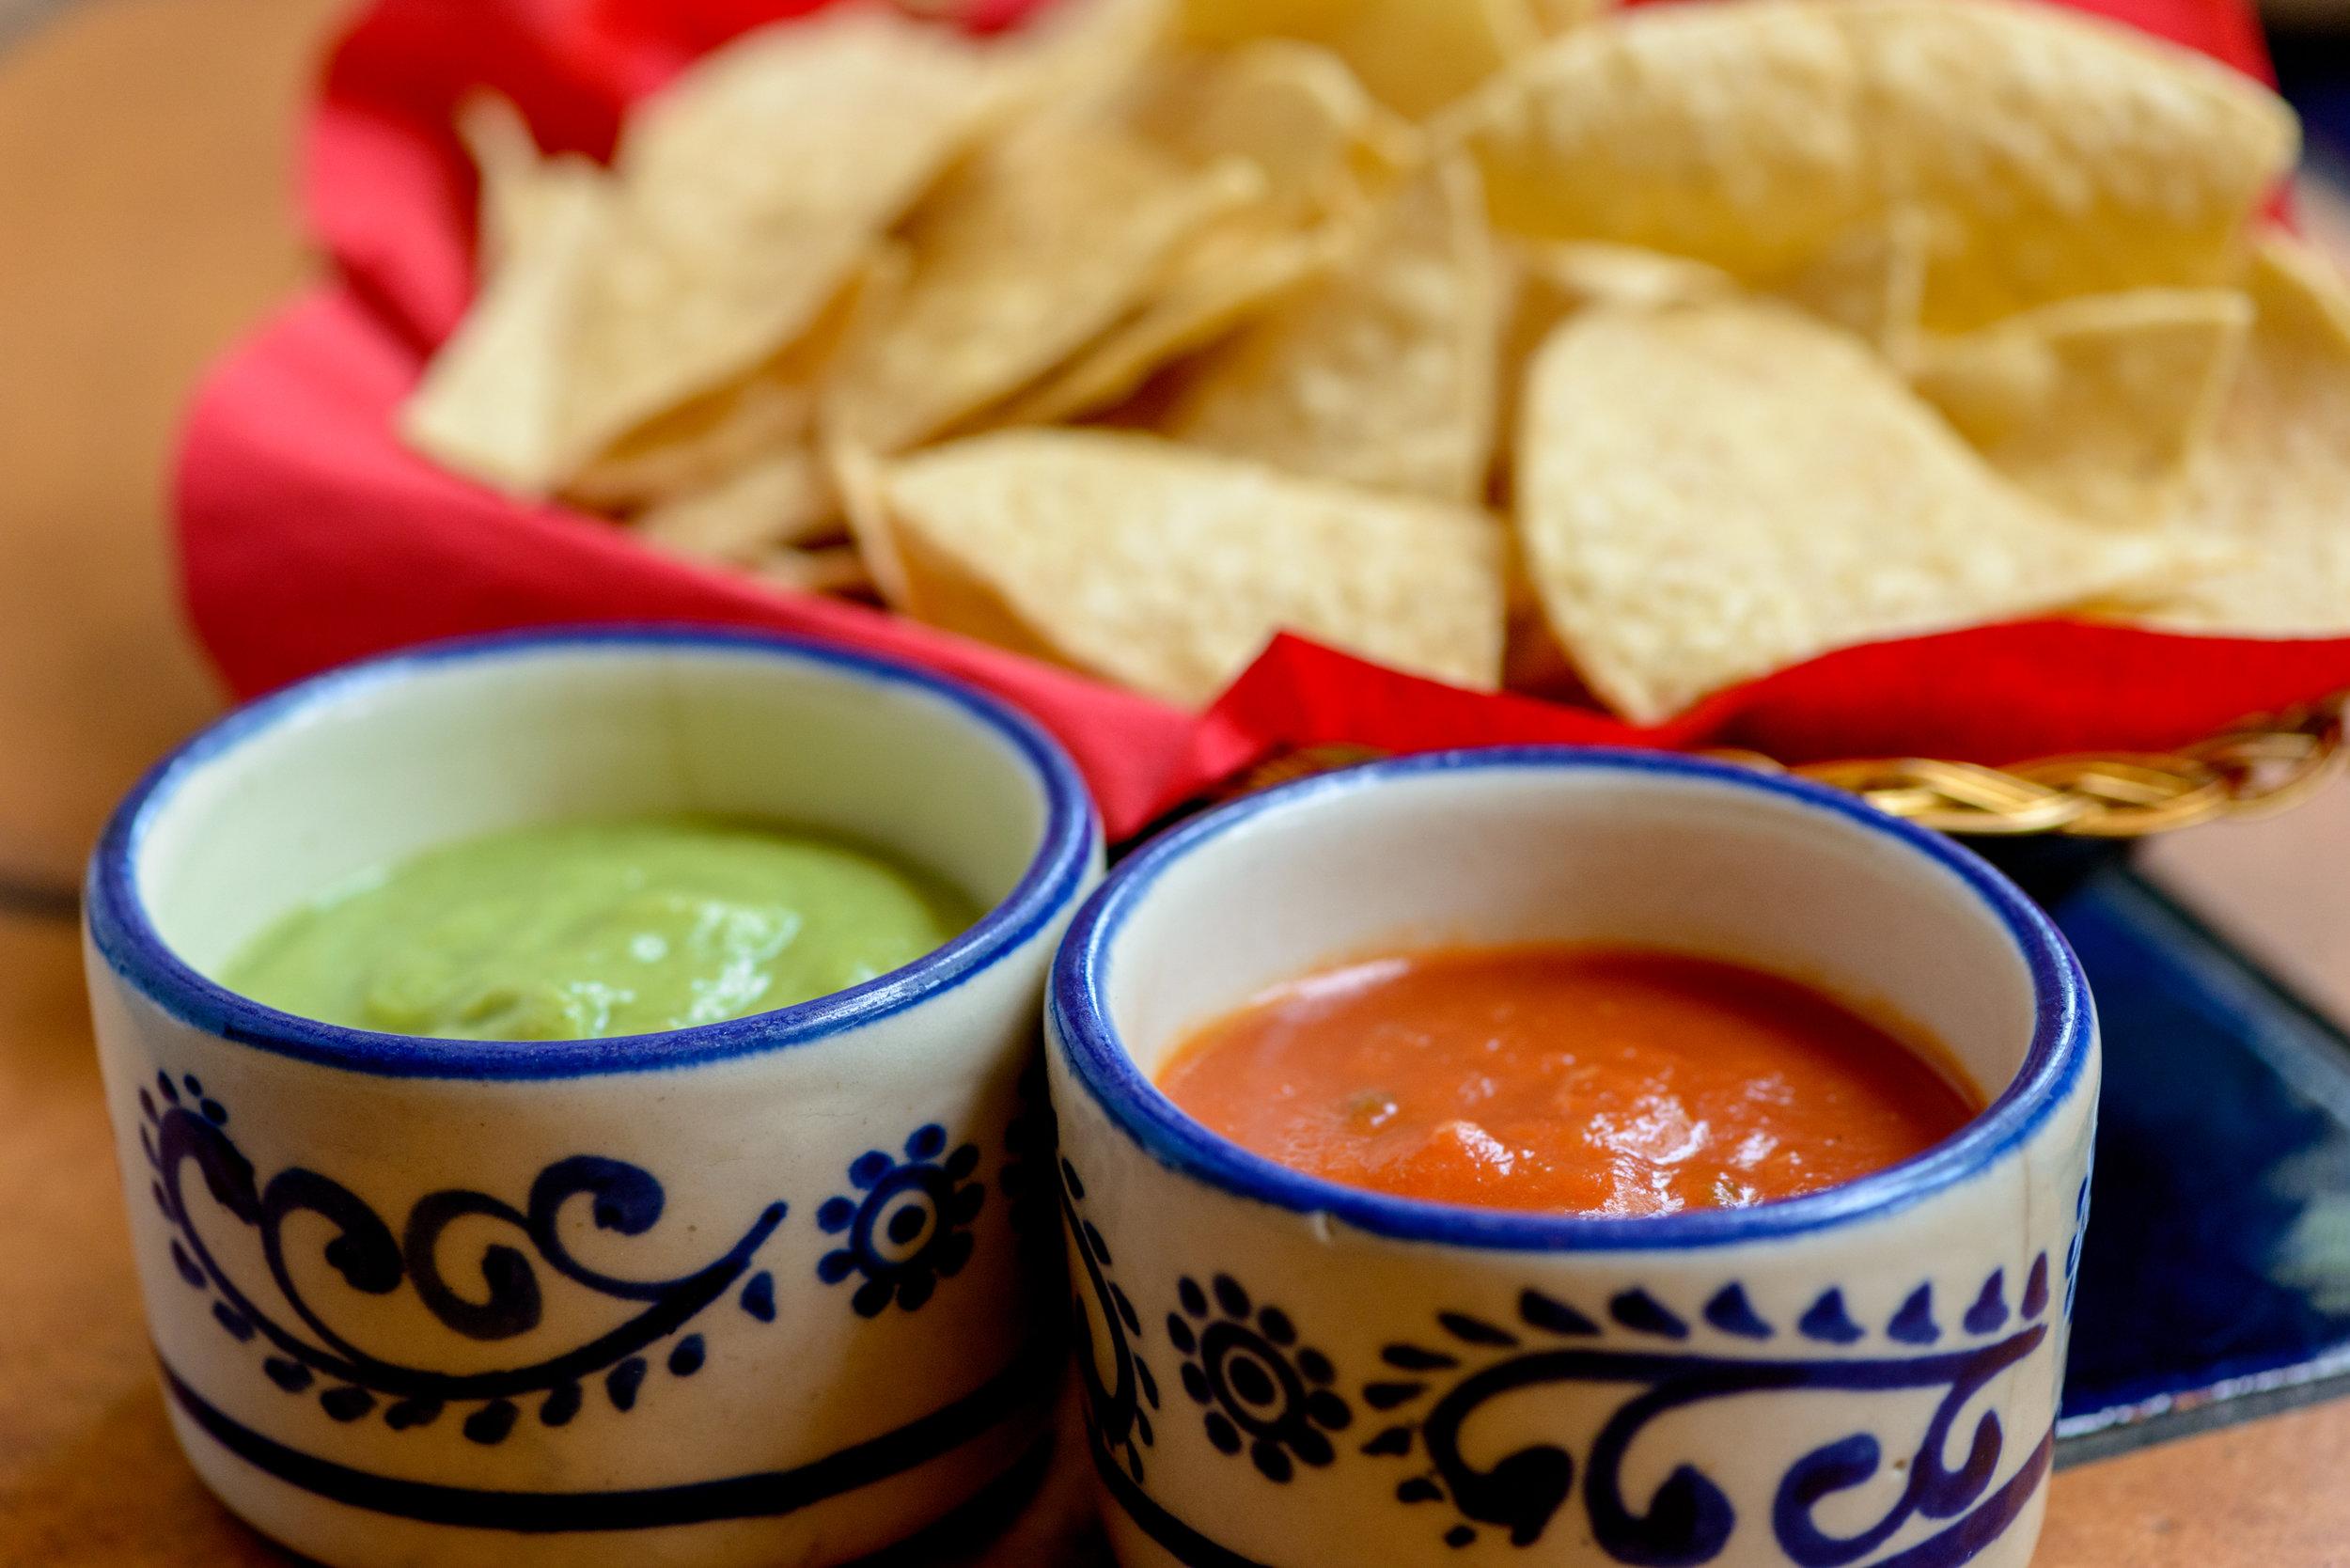 53269-xocitl-chips-salsa-001.jpg